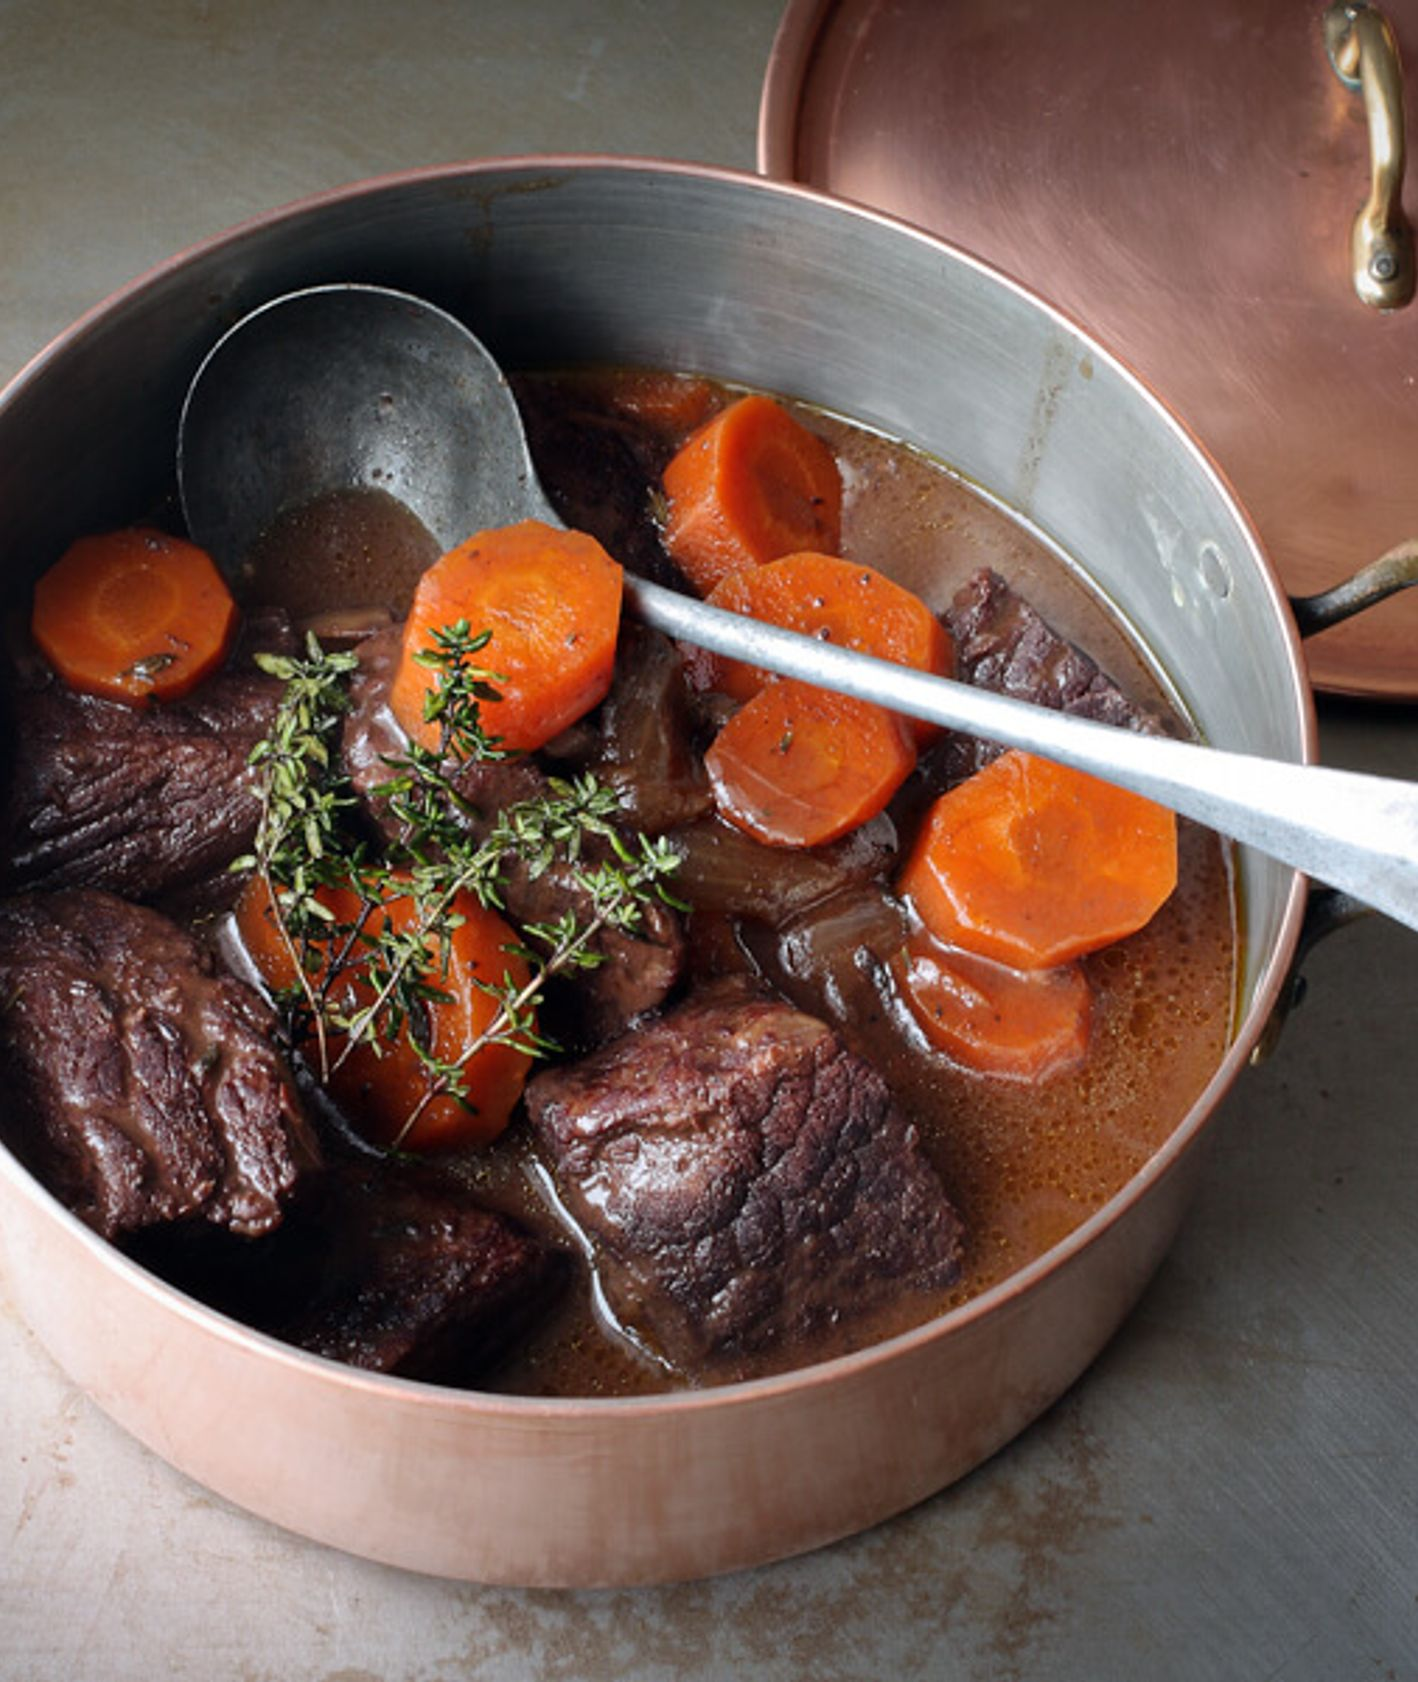 Tomek Zielke sprawdza przepisy na wołowinę po burgundzku